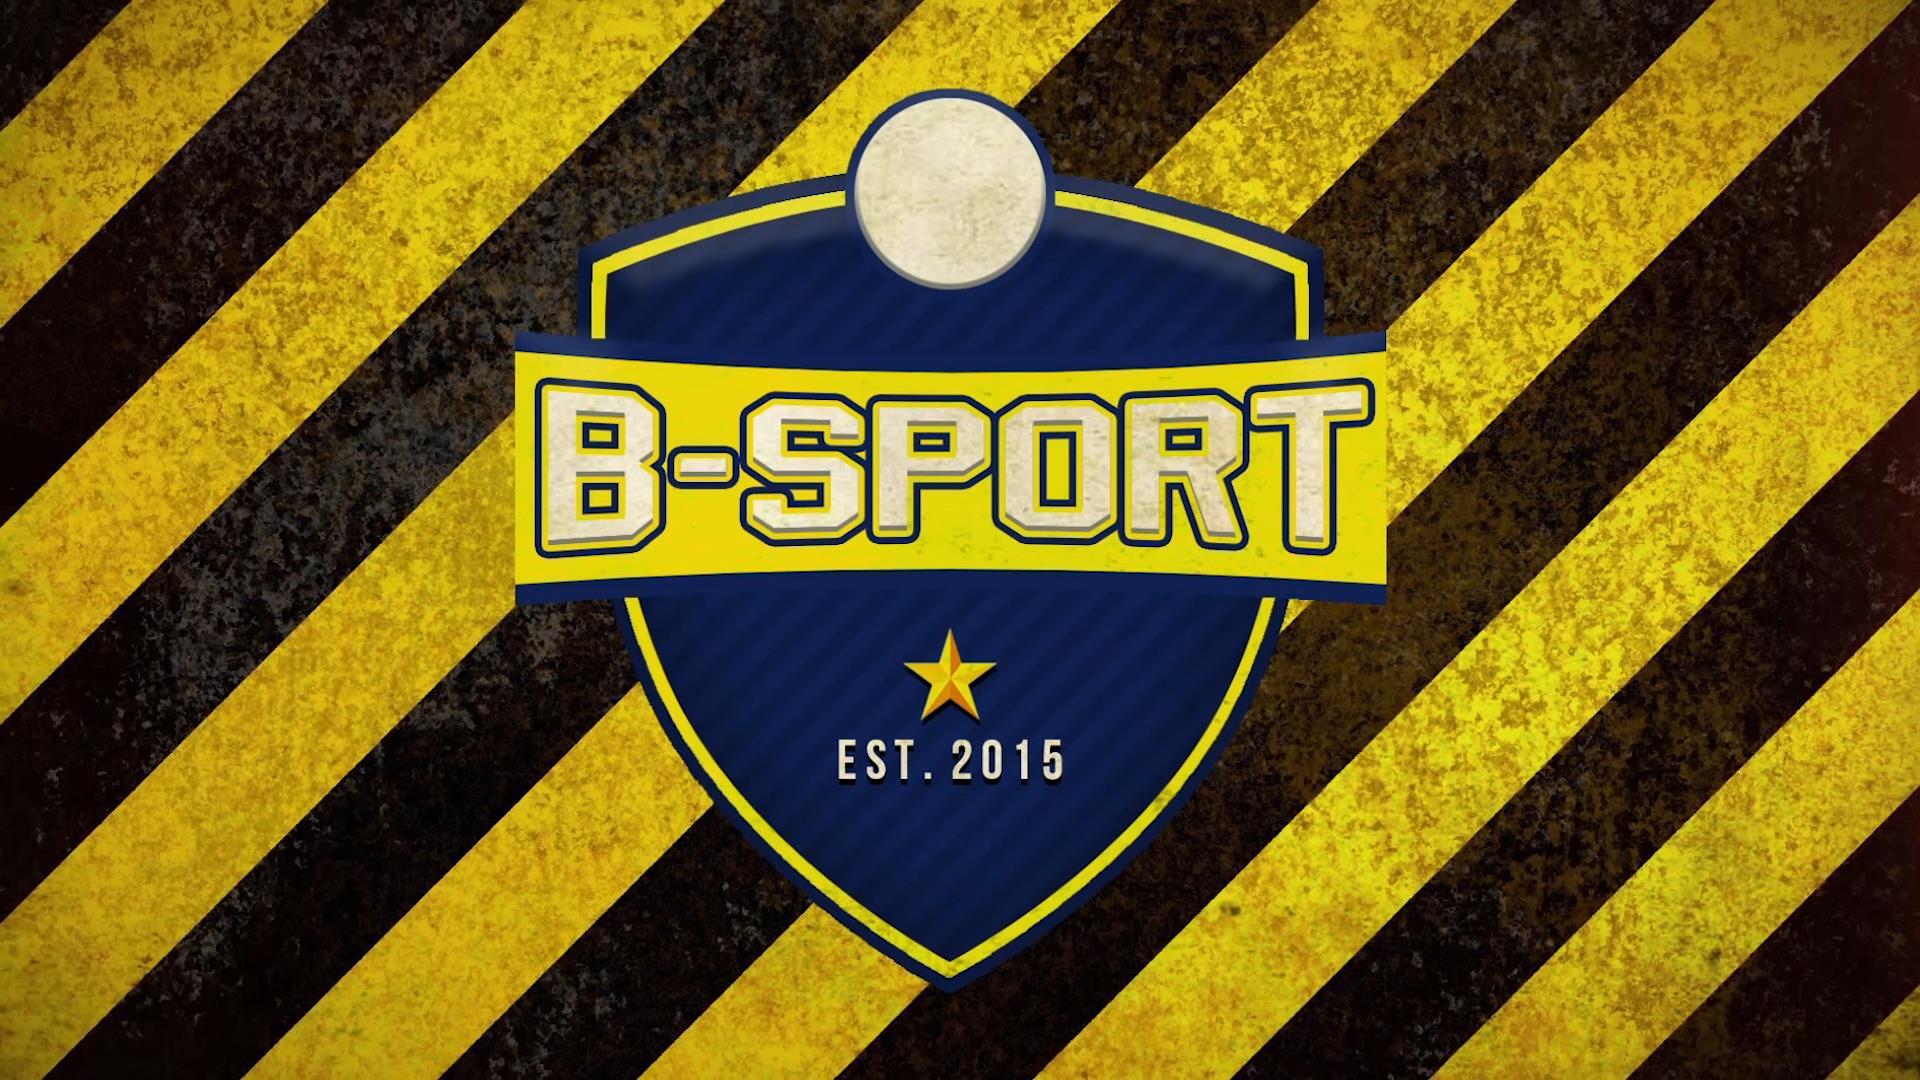 B SPORT